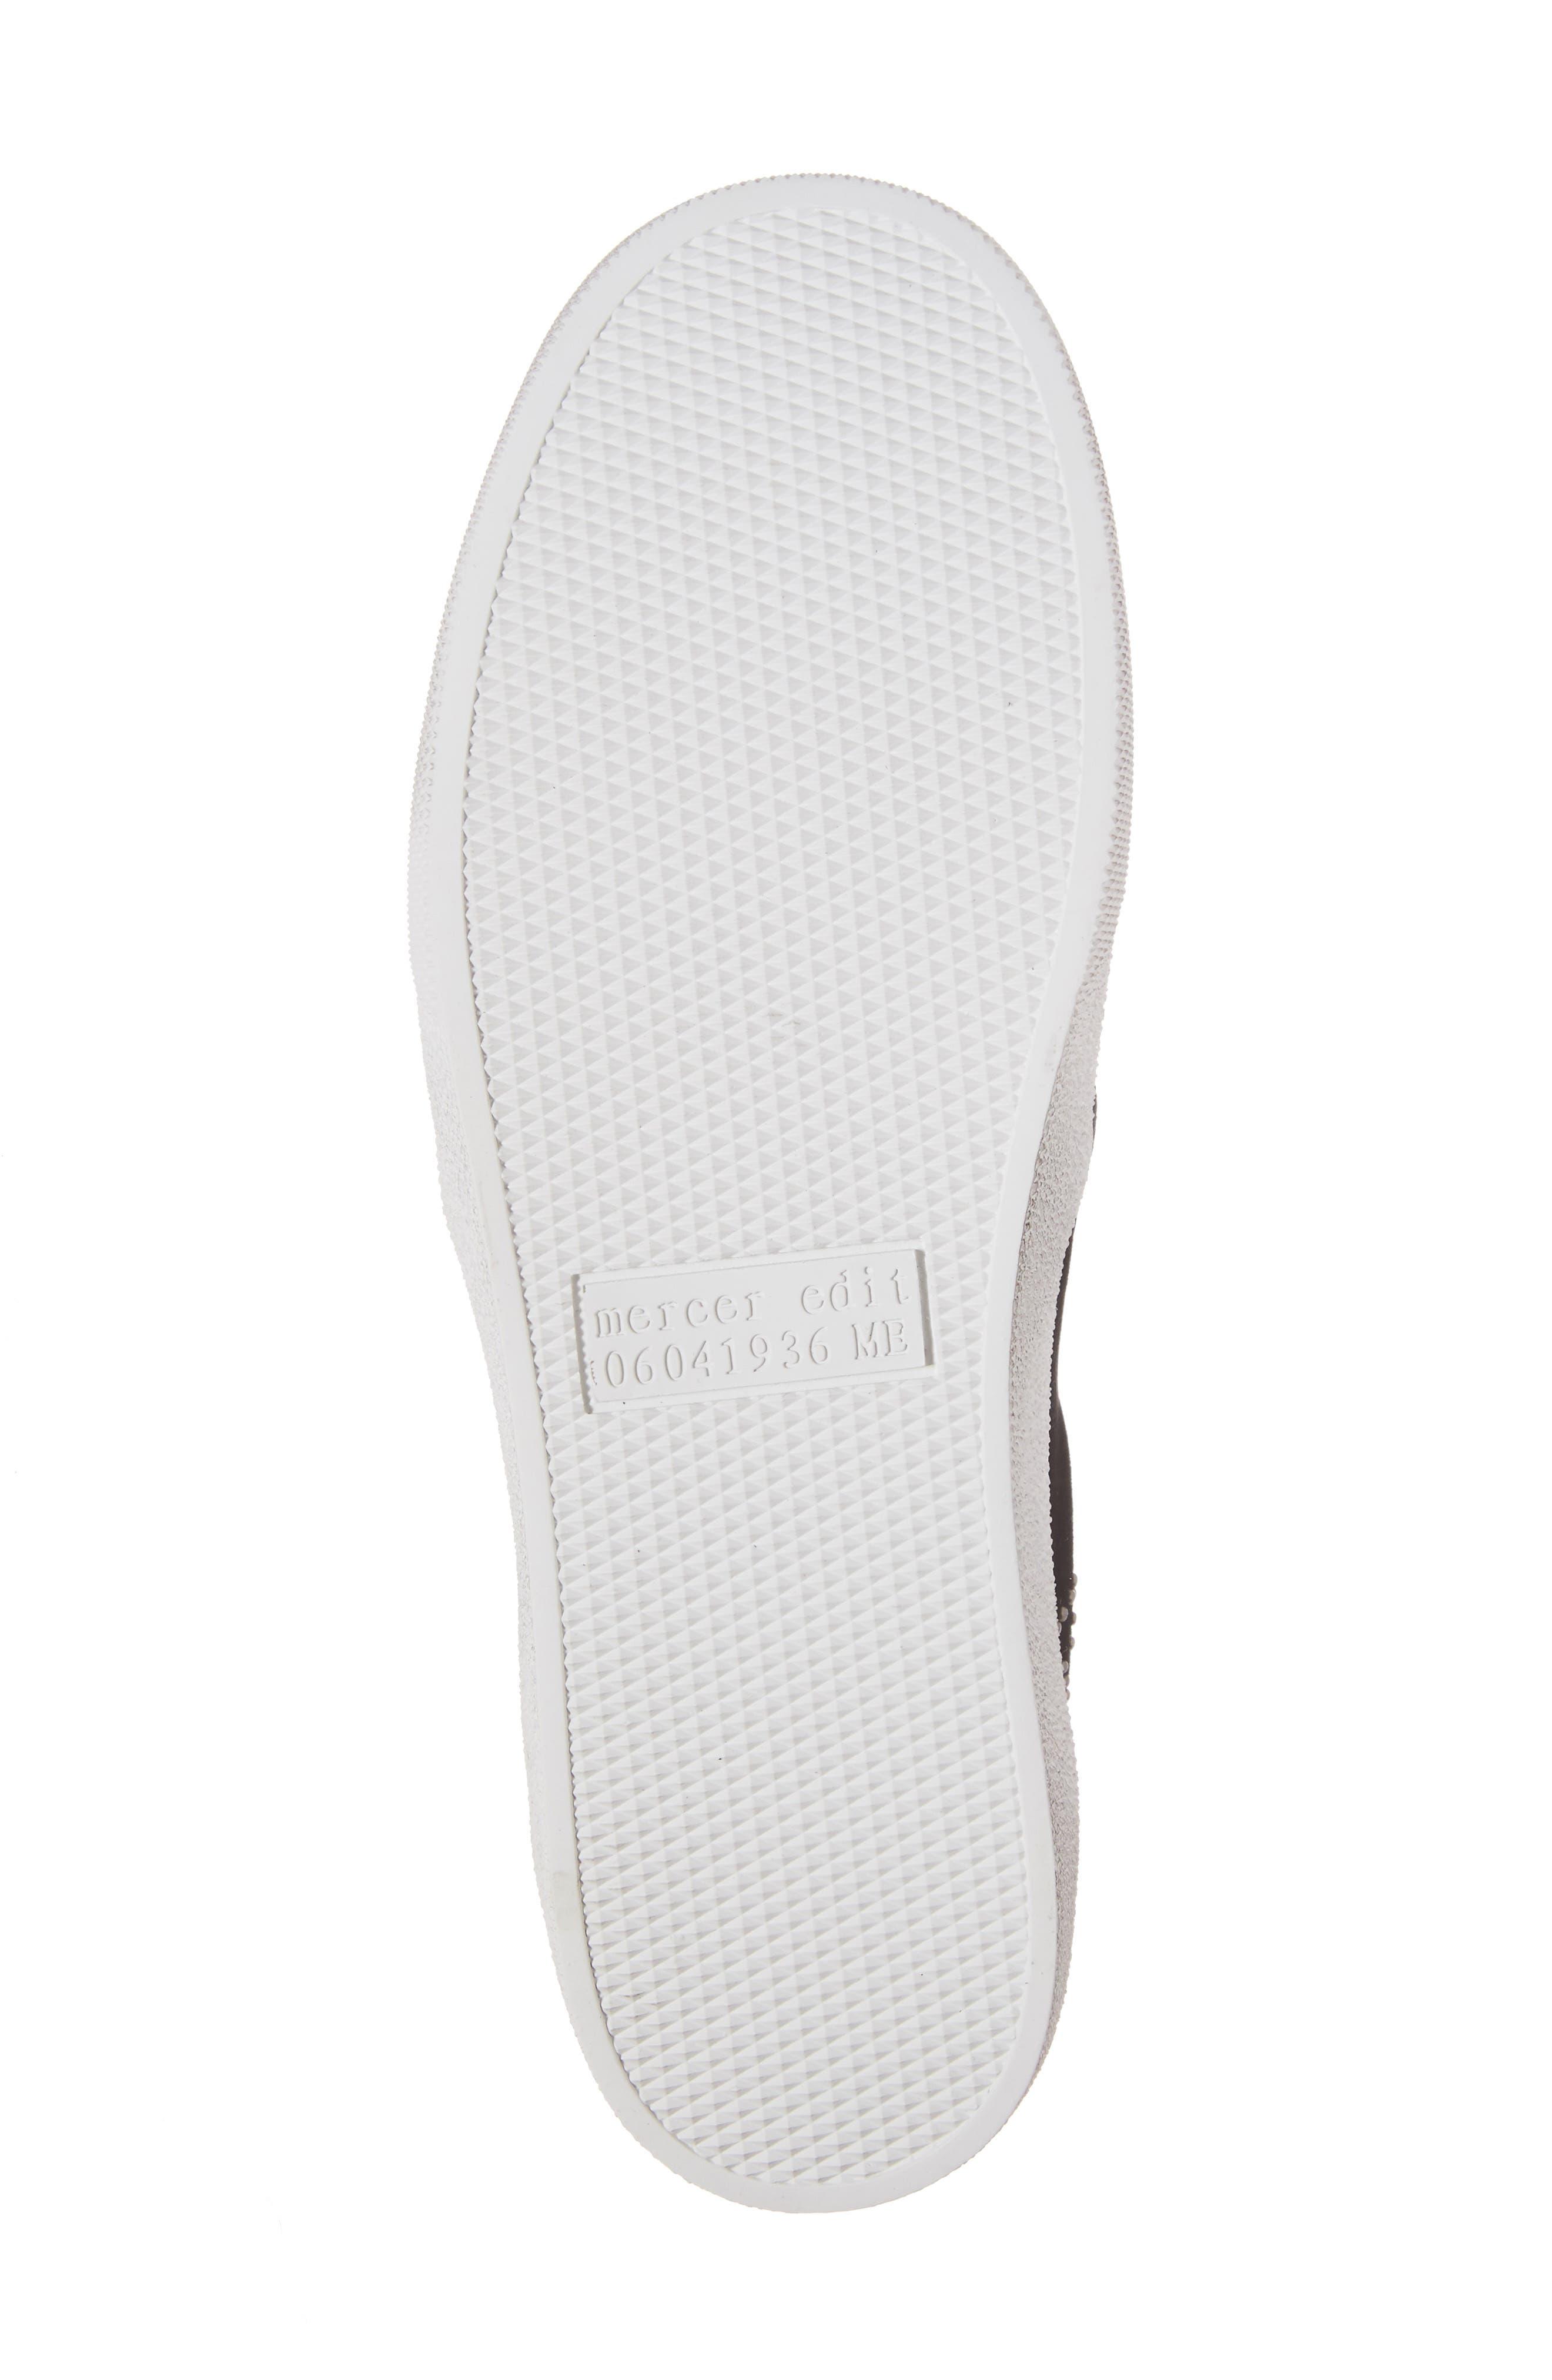 Star Slip-On Sneaker,                             Alternate thumbnail 27, color,